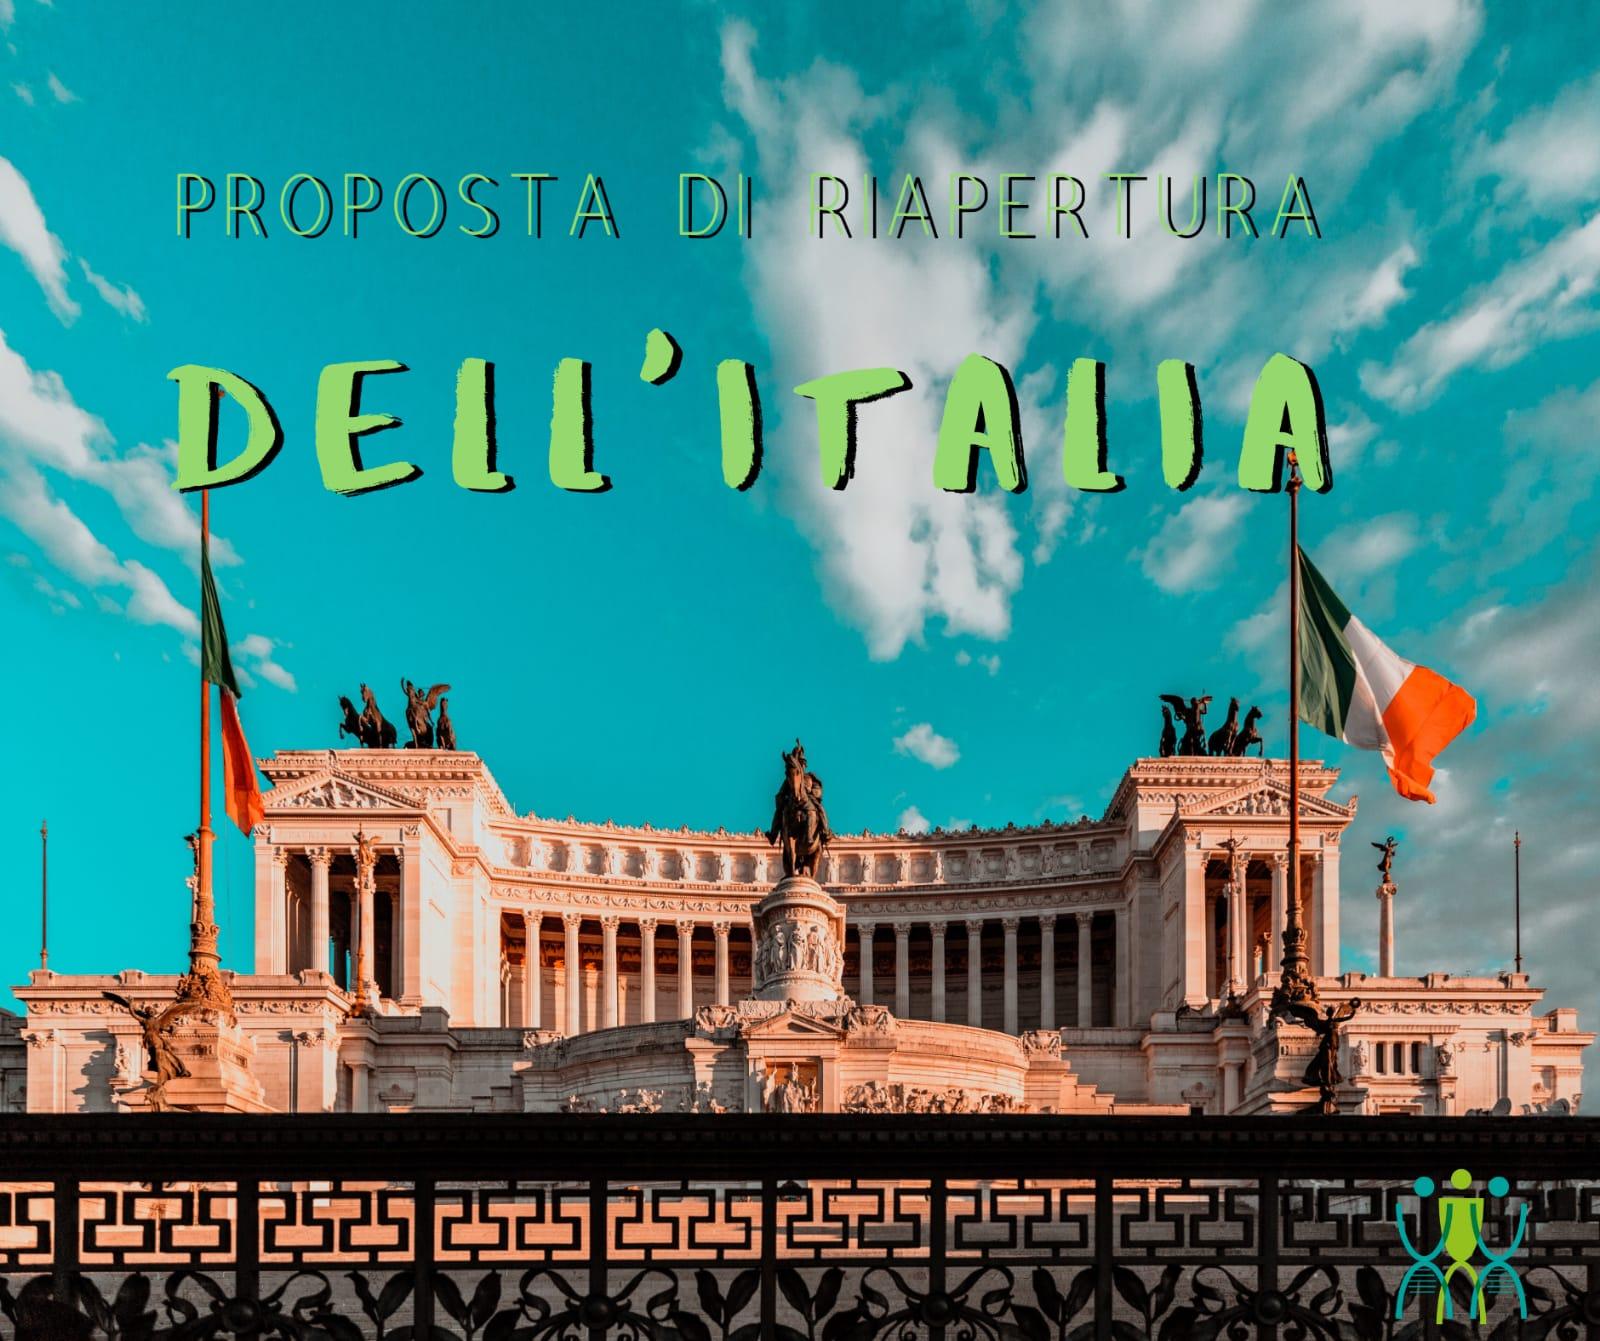 PROPOSTA PER RIAPRIRE L'ITALIA